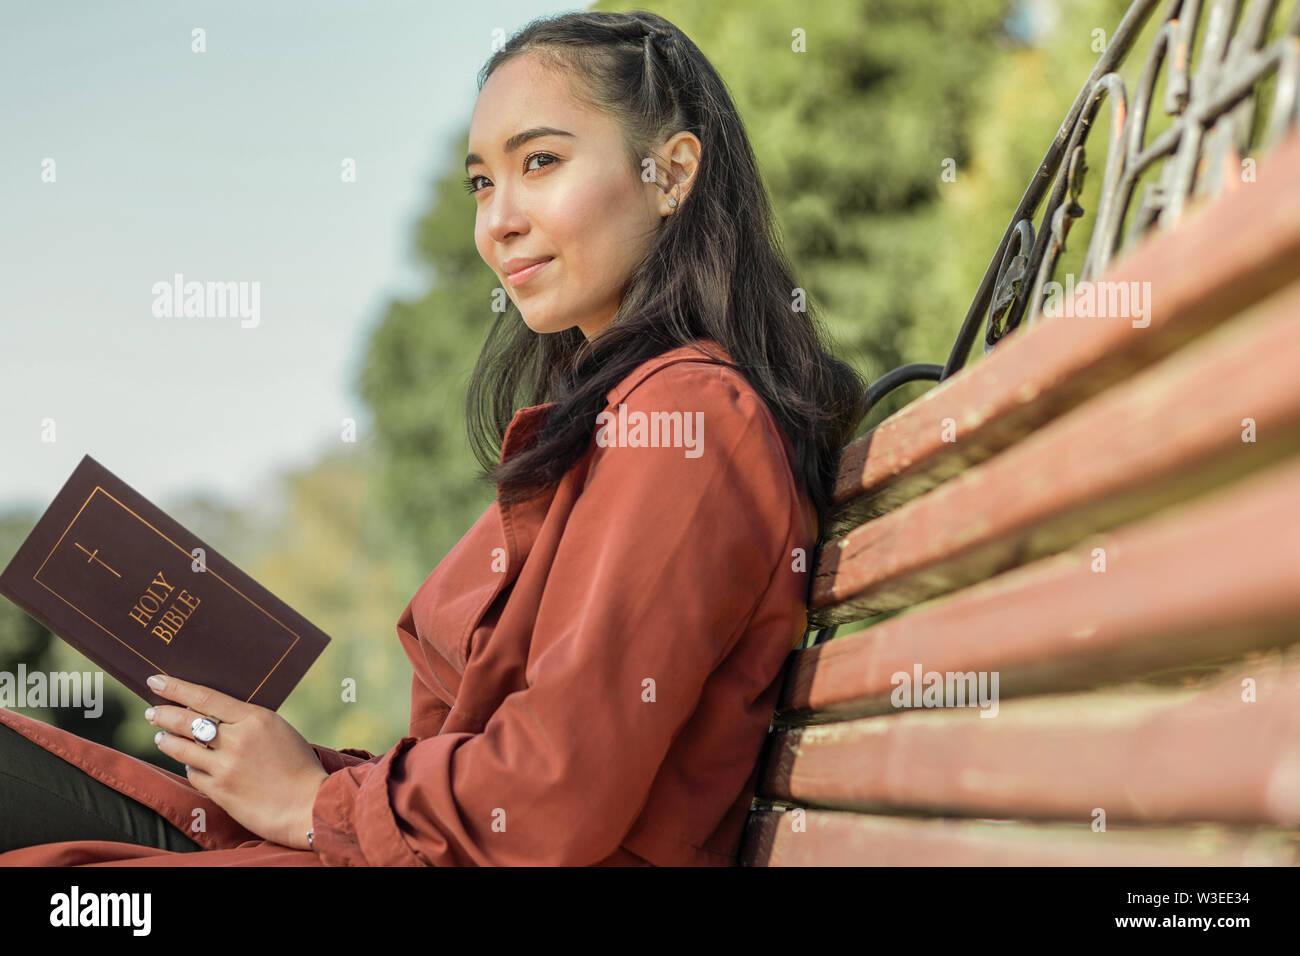 Jeune femme calme avec sourire doux sur une bible Photo Stock